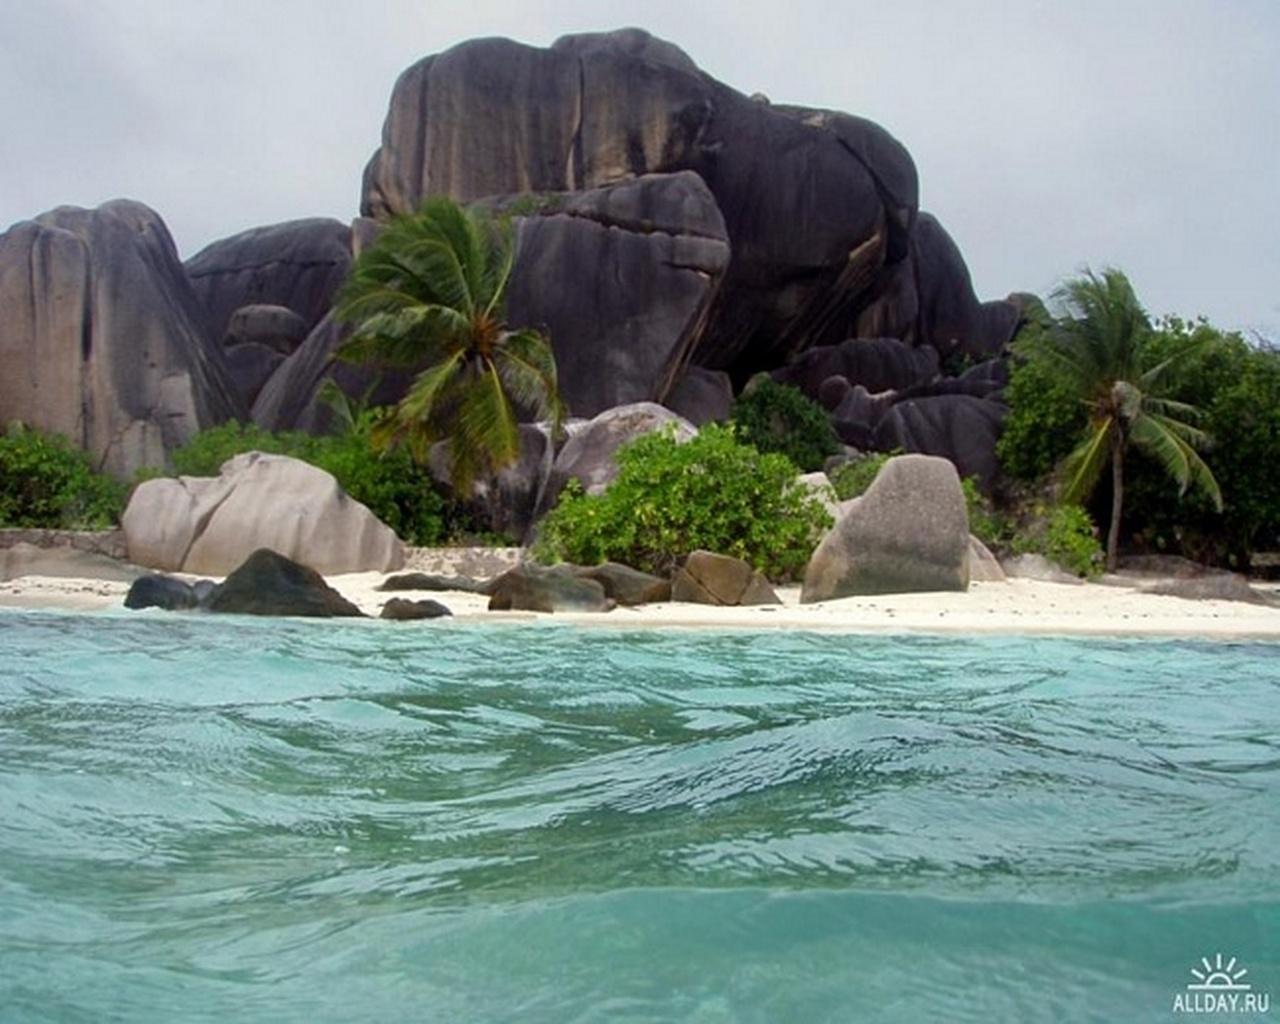 490壁紙のダウンロード風景, 水, ストーンズ, 海, ビーチ, パームス-スクリーンセーバーと写真を無料で